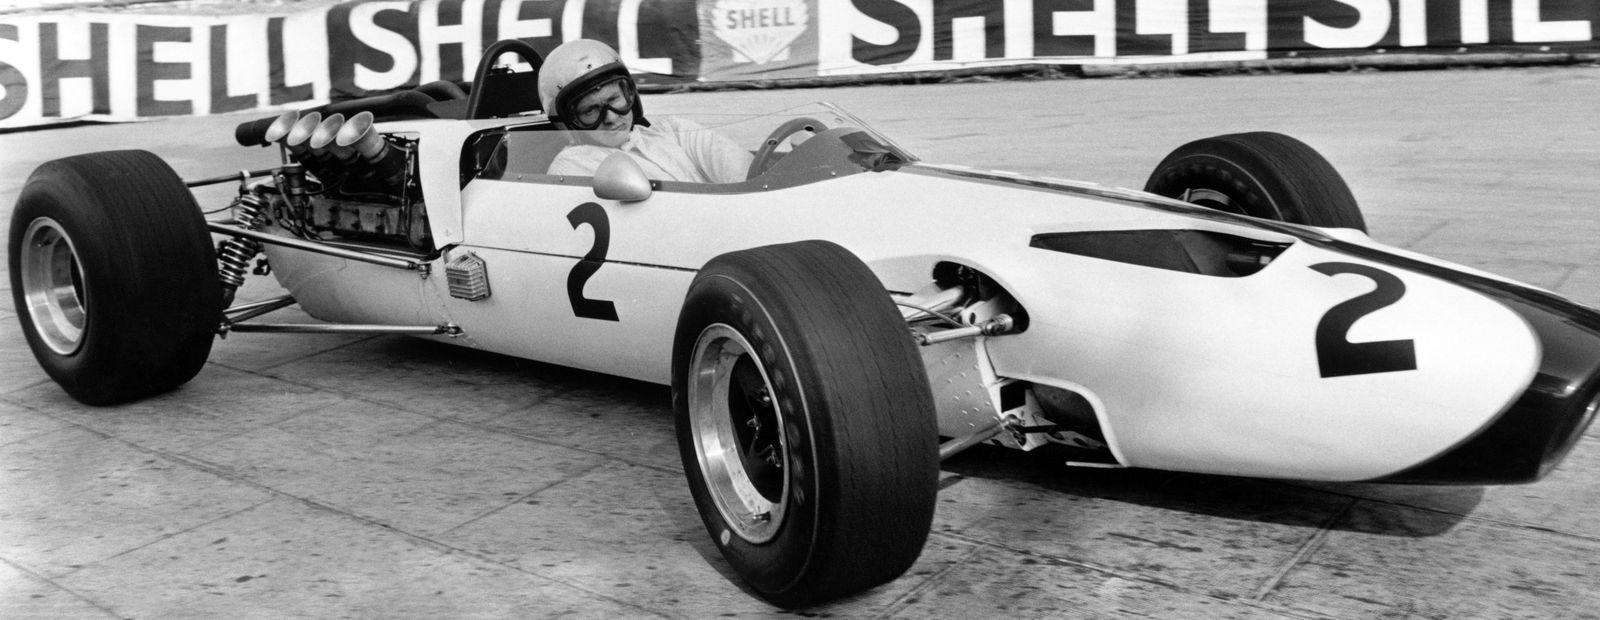 The story of Monaco '66